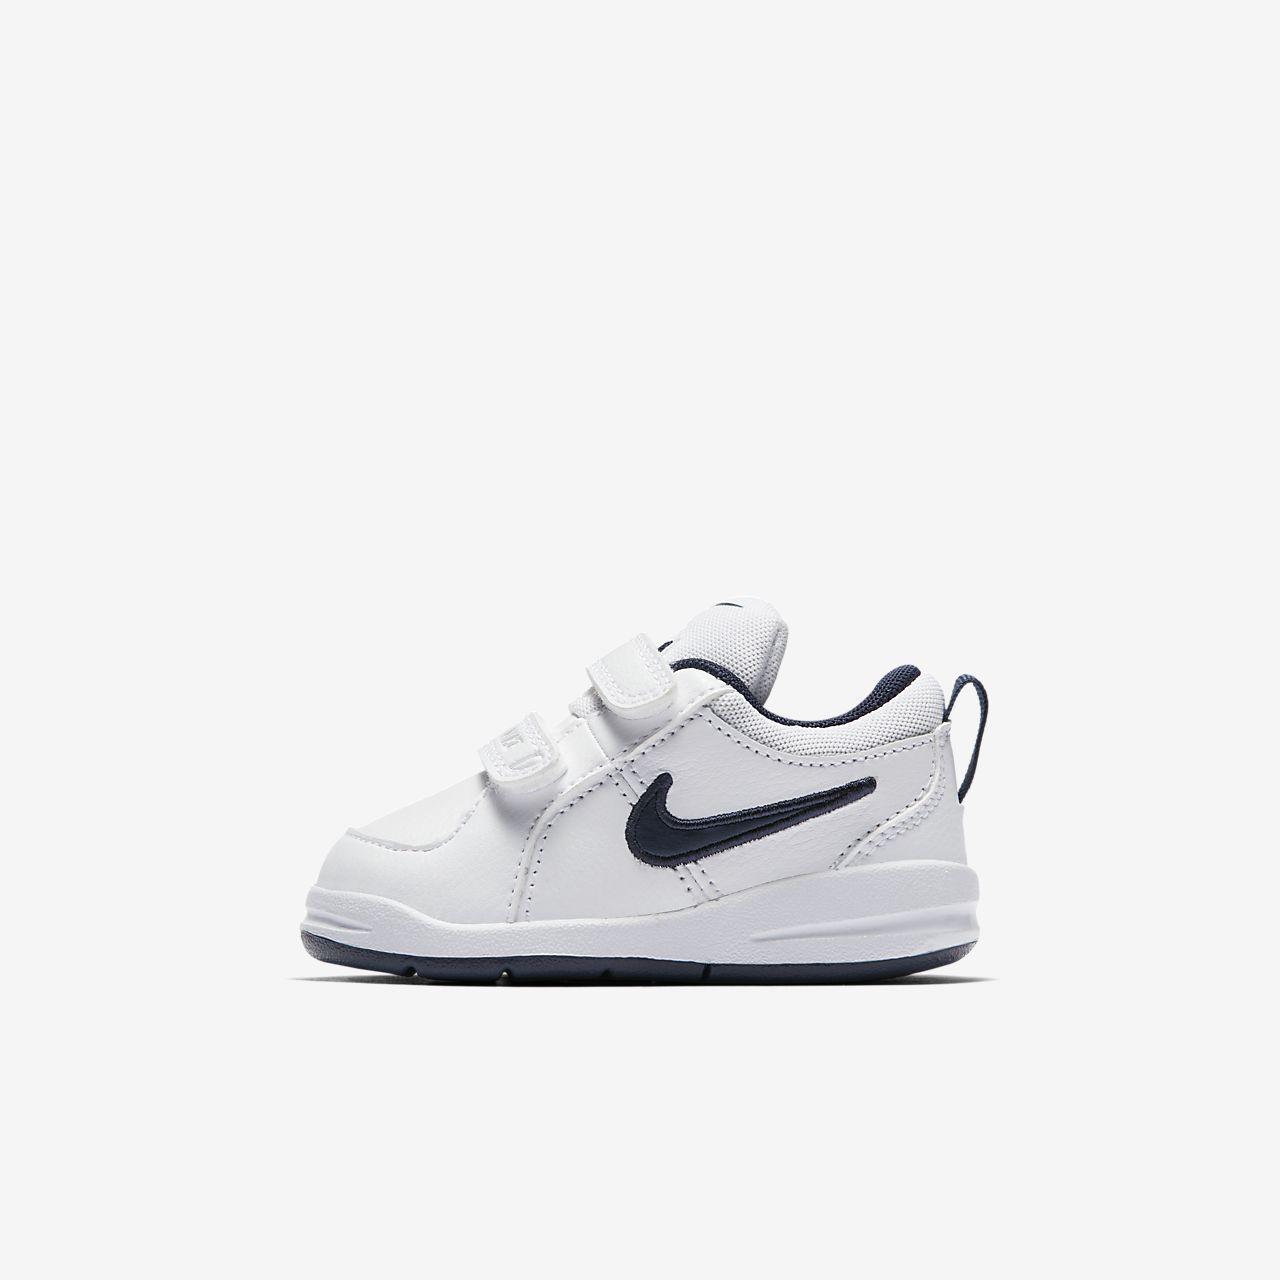 885c057ab532c Chaussure Nike Pico 4 pour Bébé Petit enfant. Nike.com CA